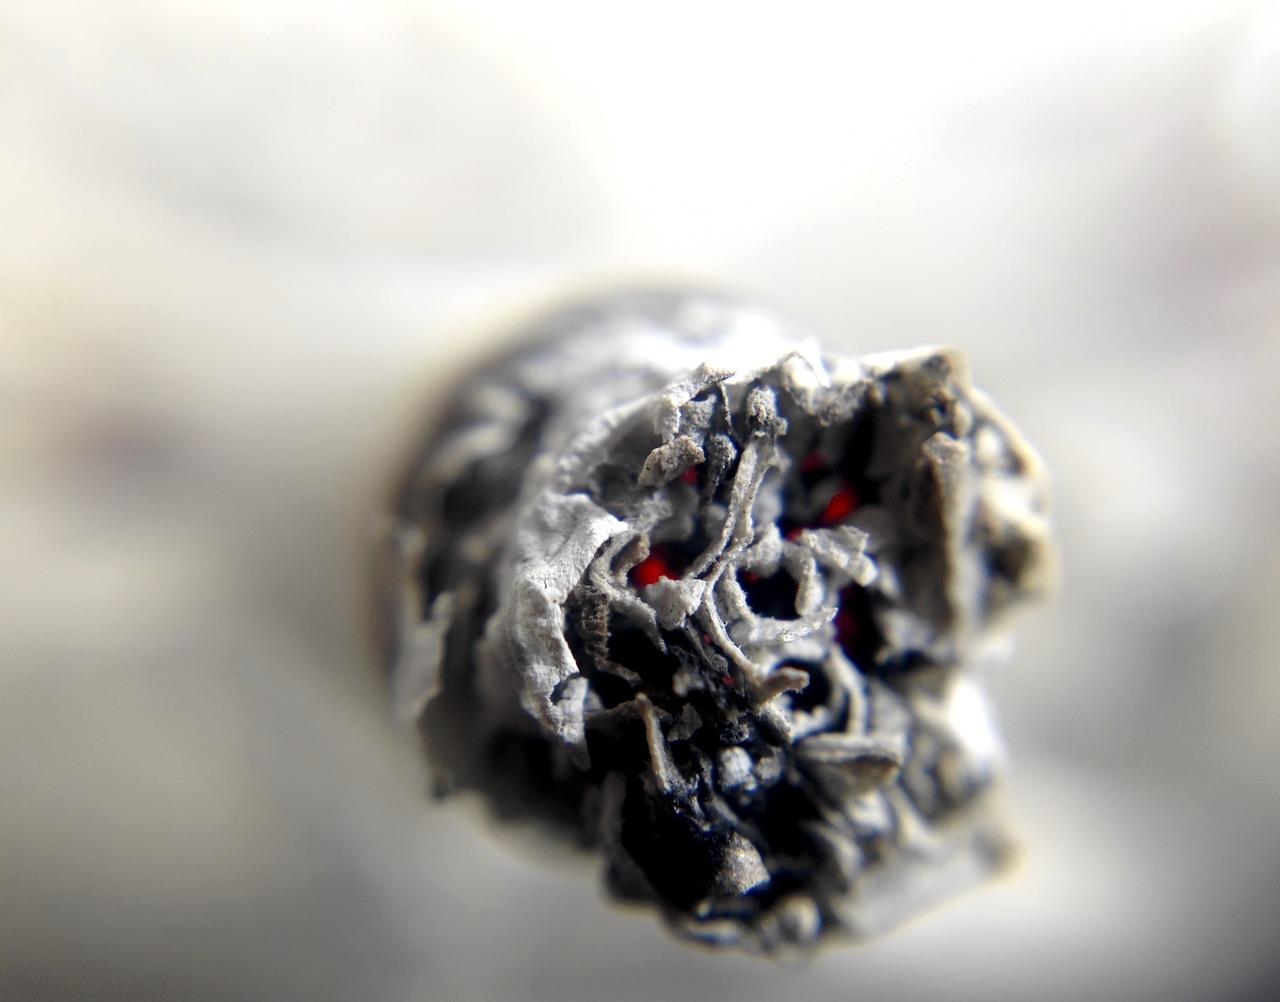 Vers des amendes forfaitaires pour usage de cannabis ?